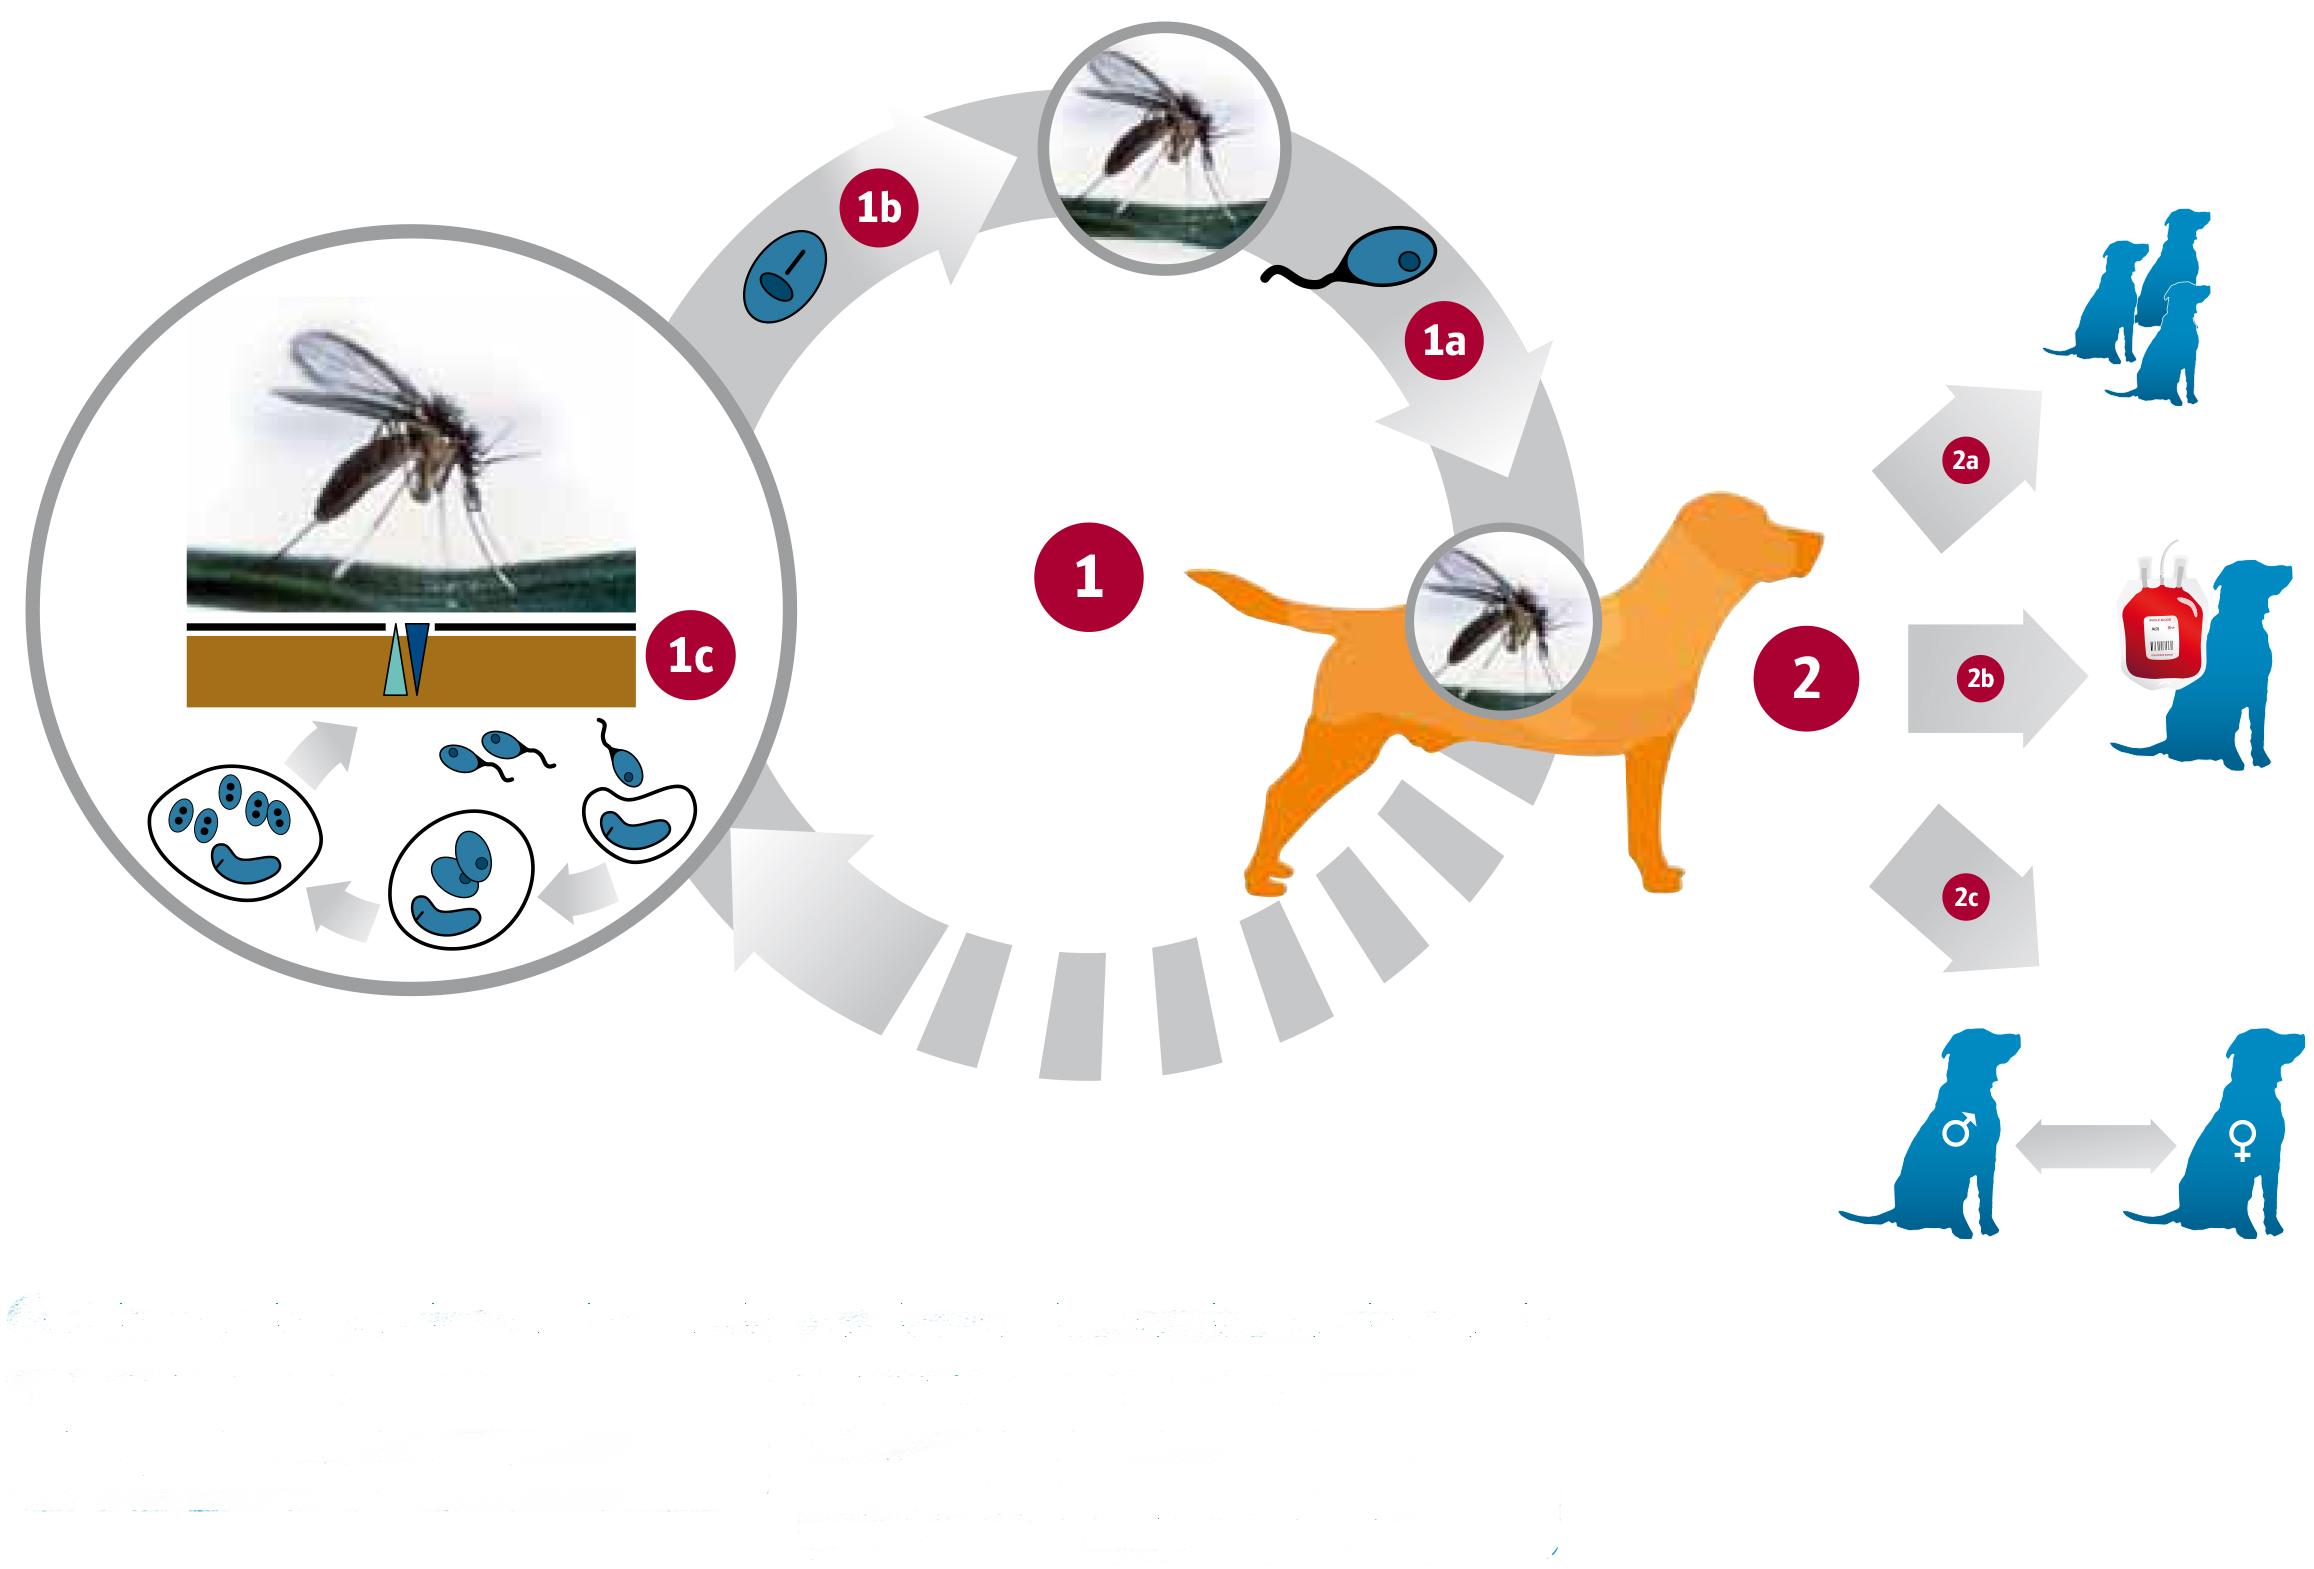 Imagen tomada de parasitesandvectors.biomedcentral.com